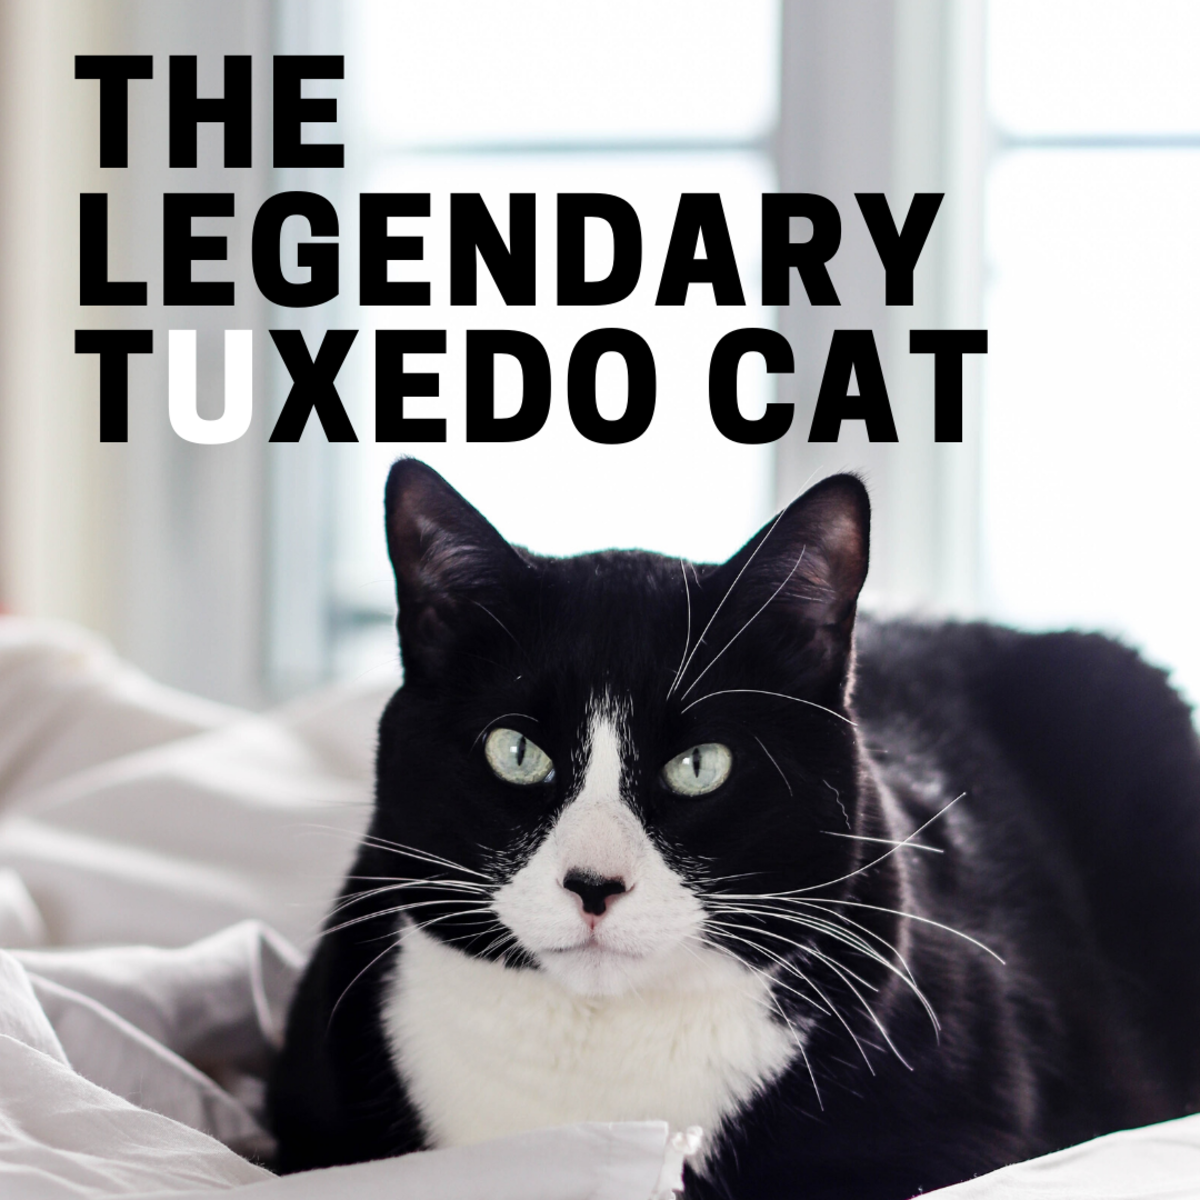 Tuxedo Cat Facts